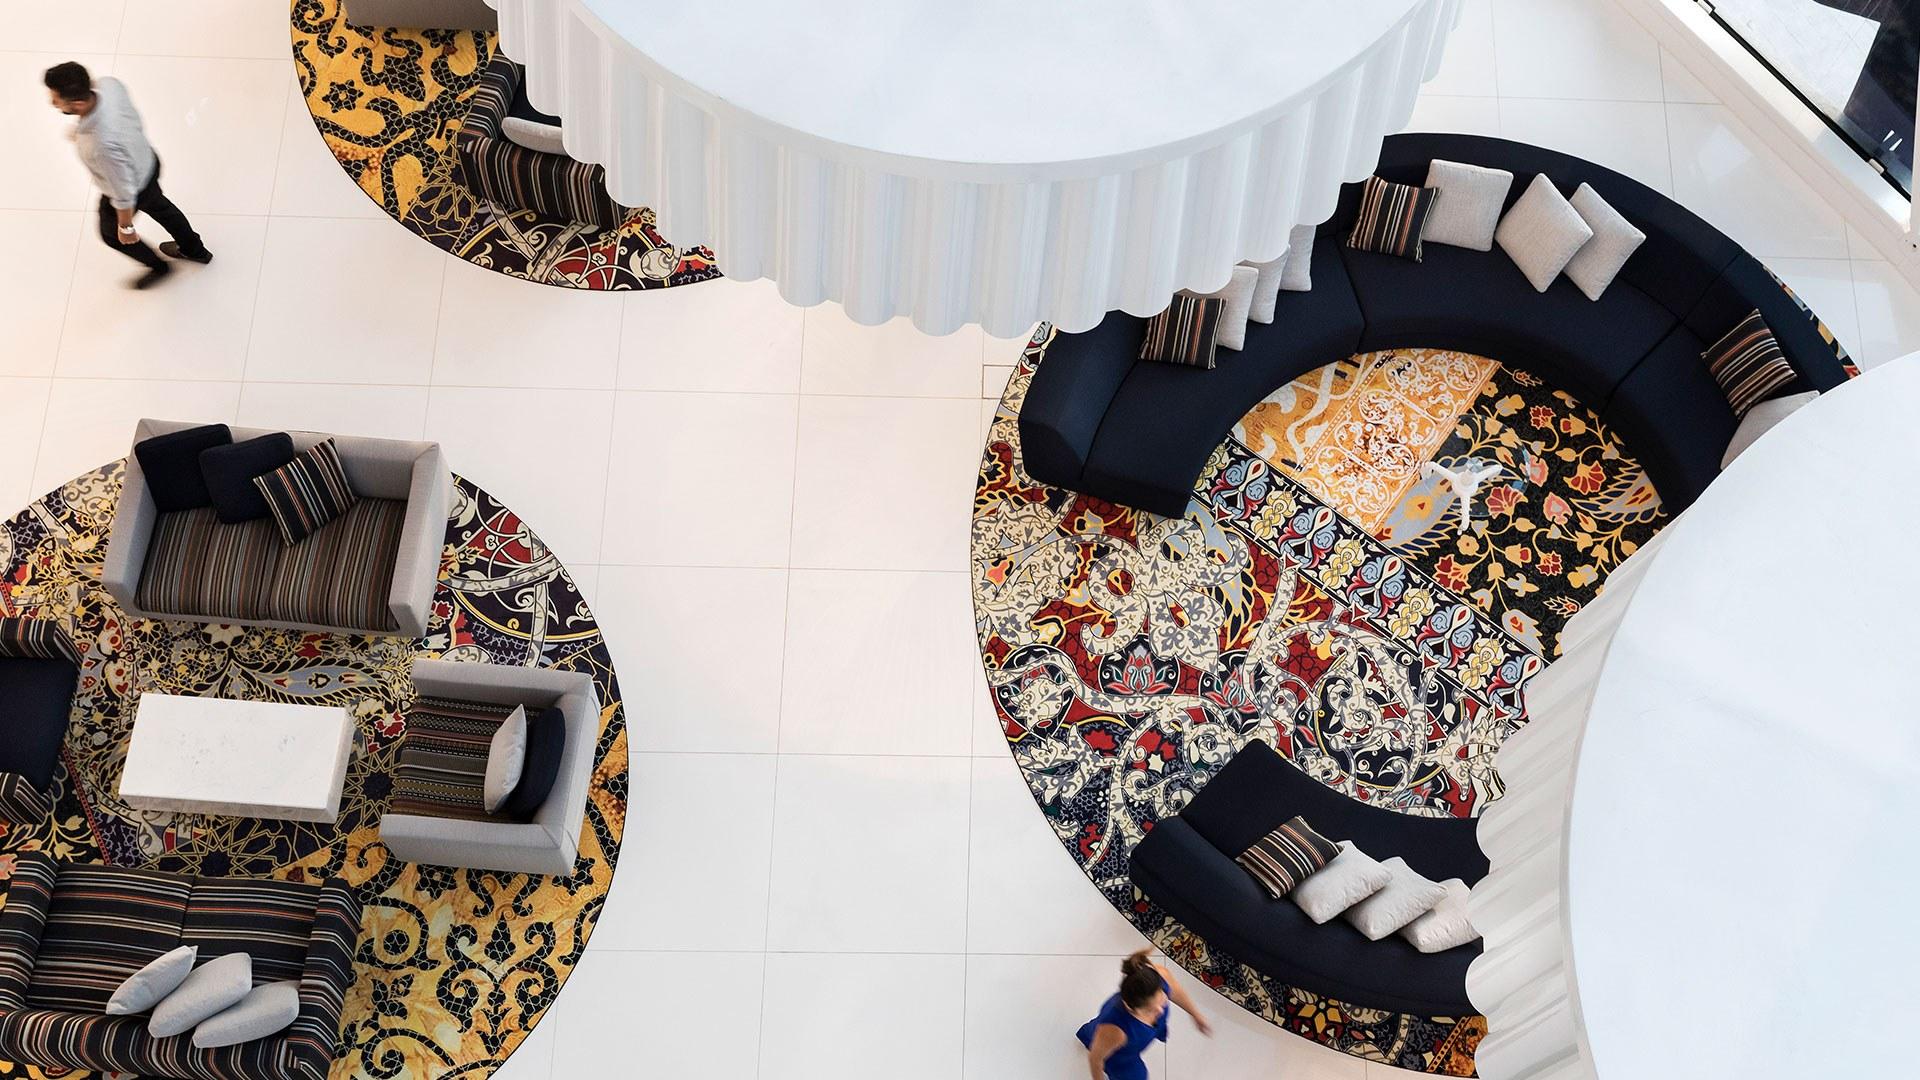 Top Interior Designers, design, interiors, designers, luxury Top Interior Designers Top Interior Designers: Marcel Wanders SBE Mondrian Doha Marcel Wanders 00